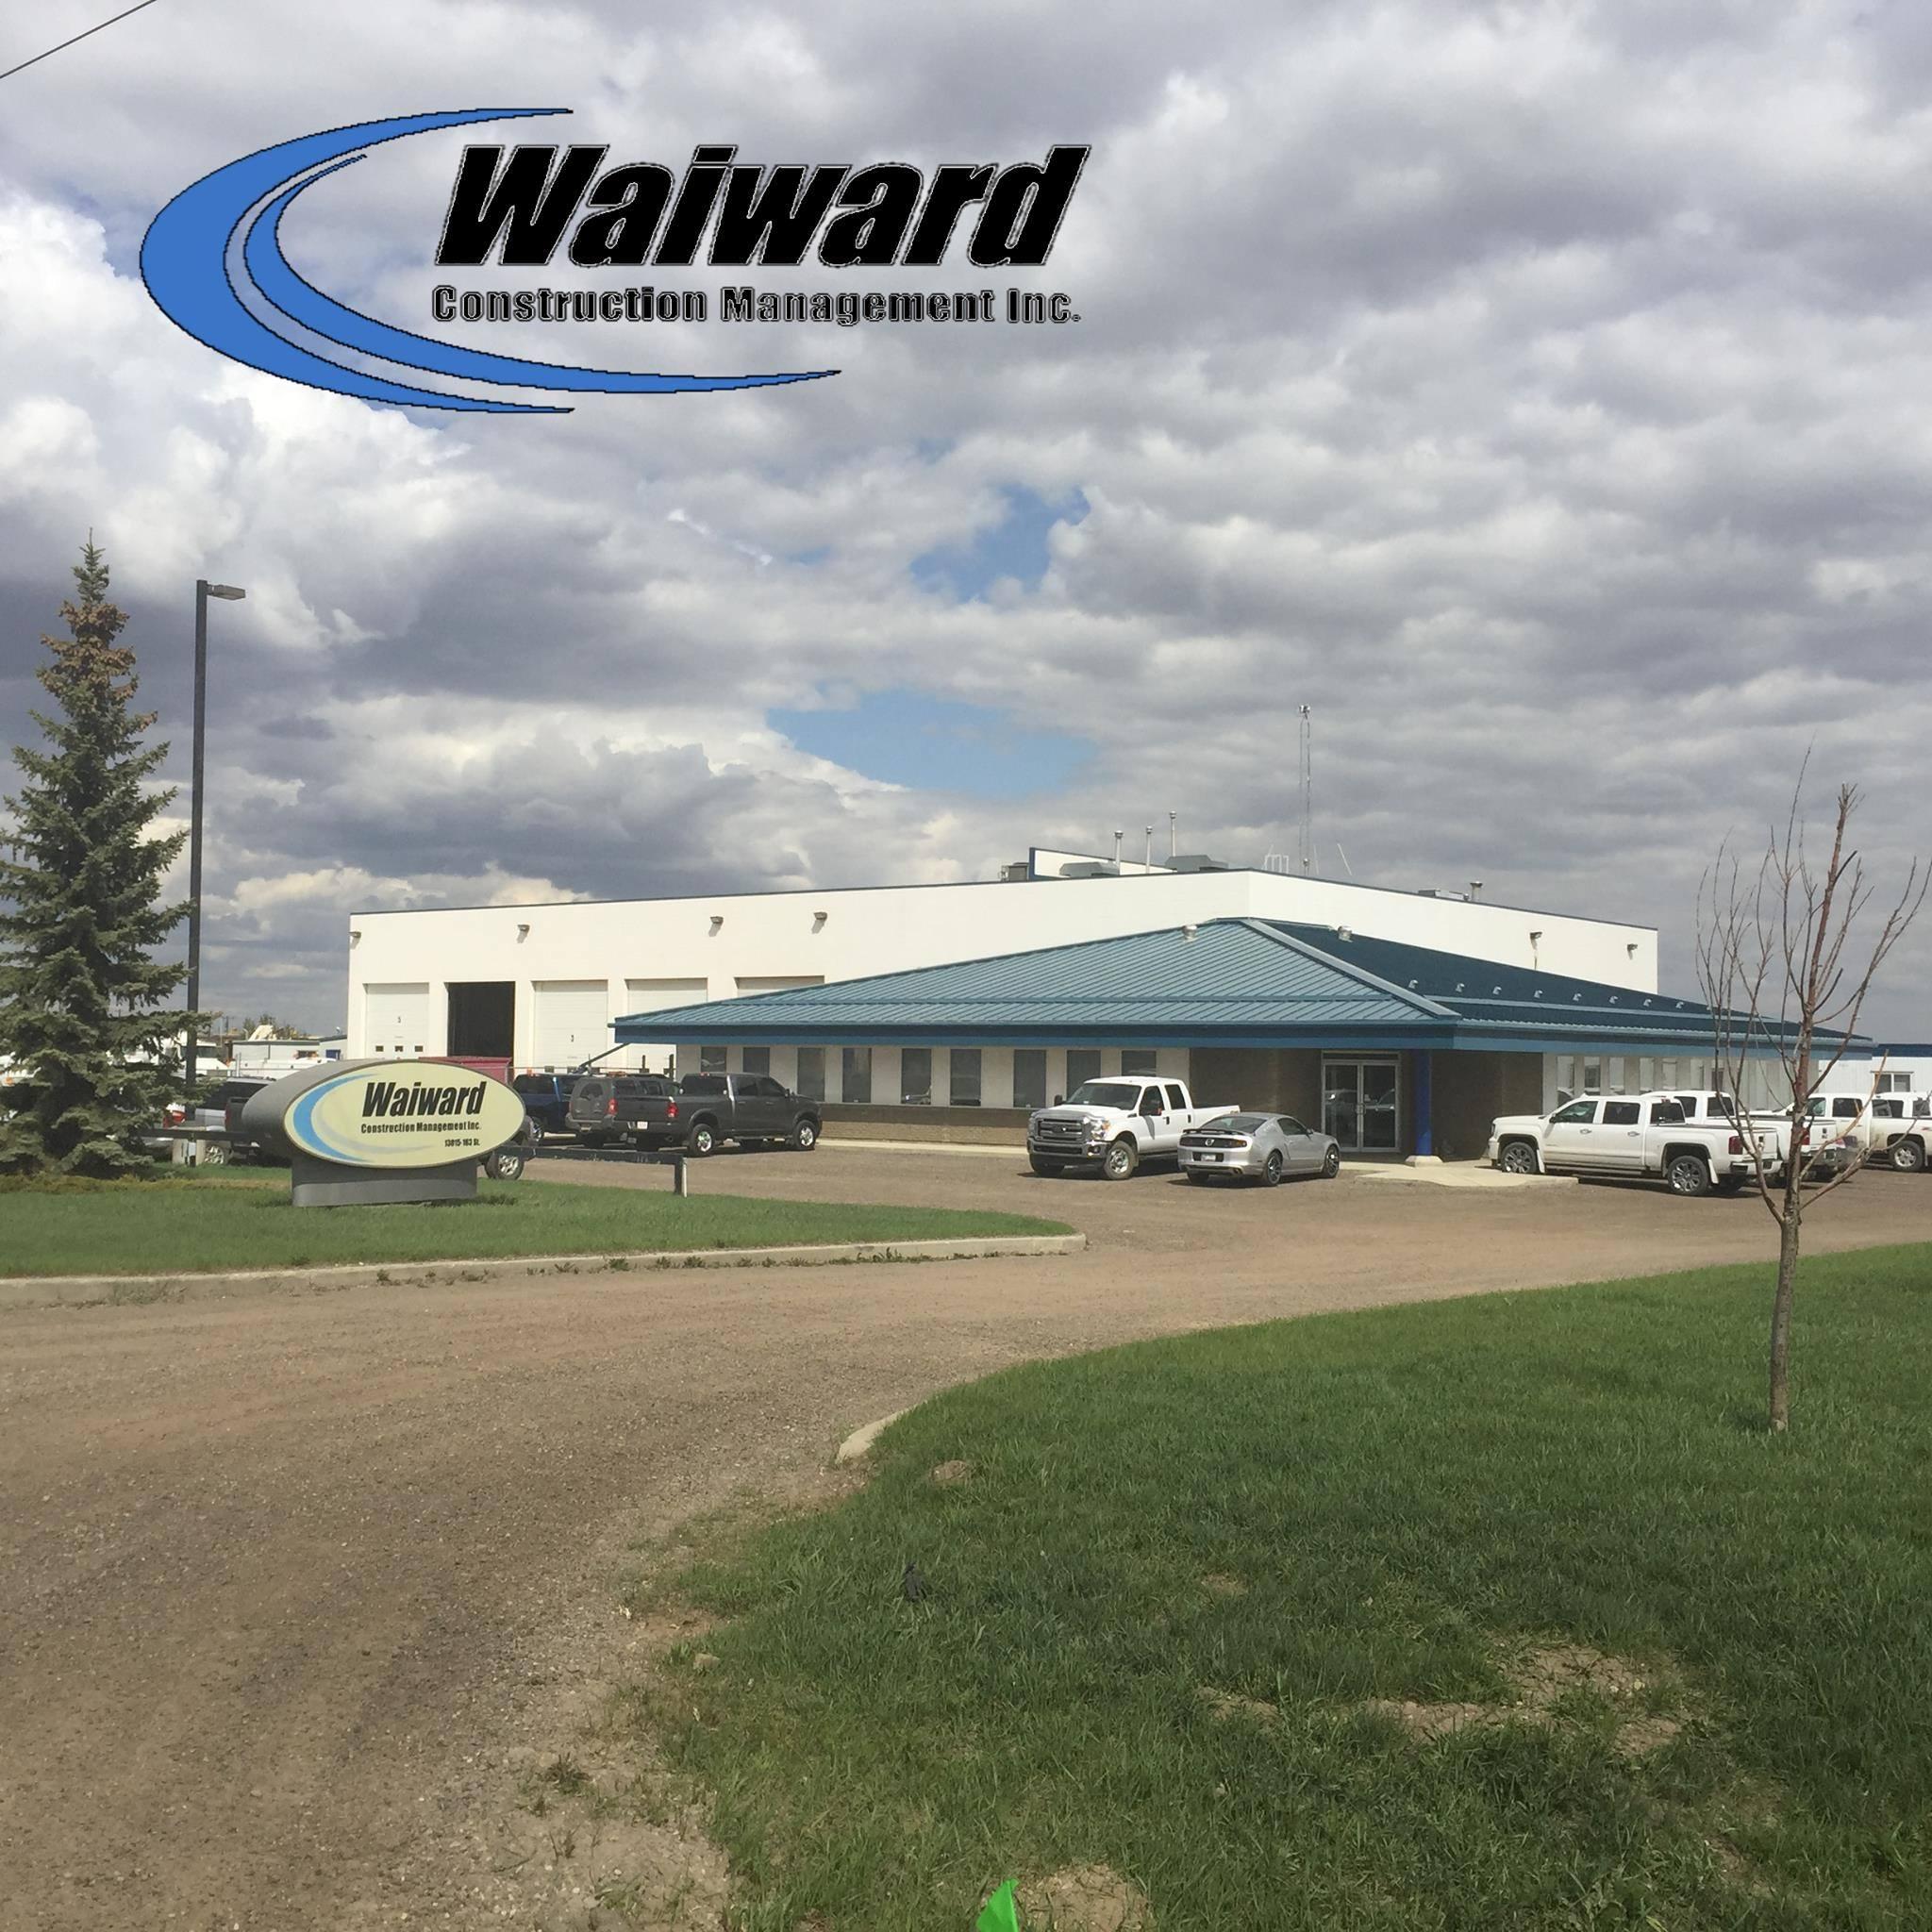 Waiward Construction Management Inc logo